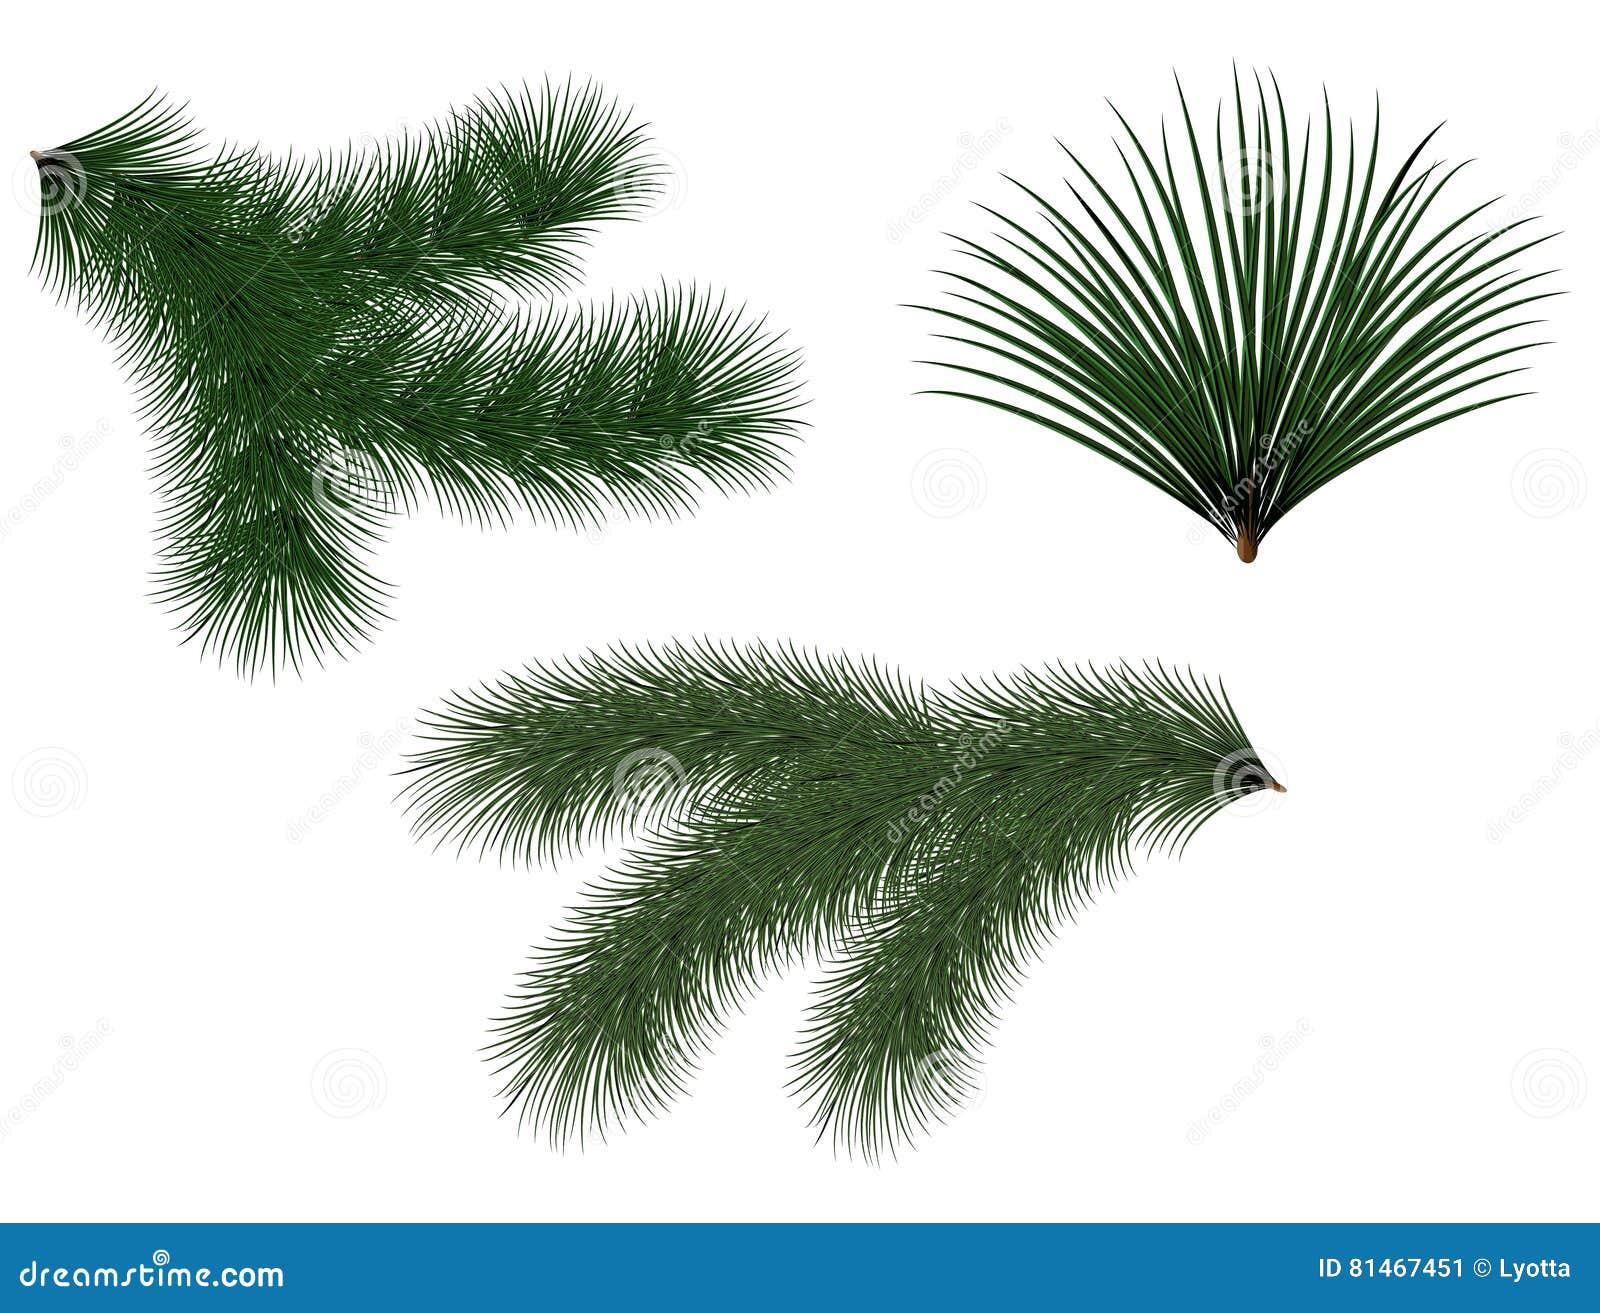 Nieuwe van jaar groene Kerstbomen en kronen Spartak met lange naalden